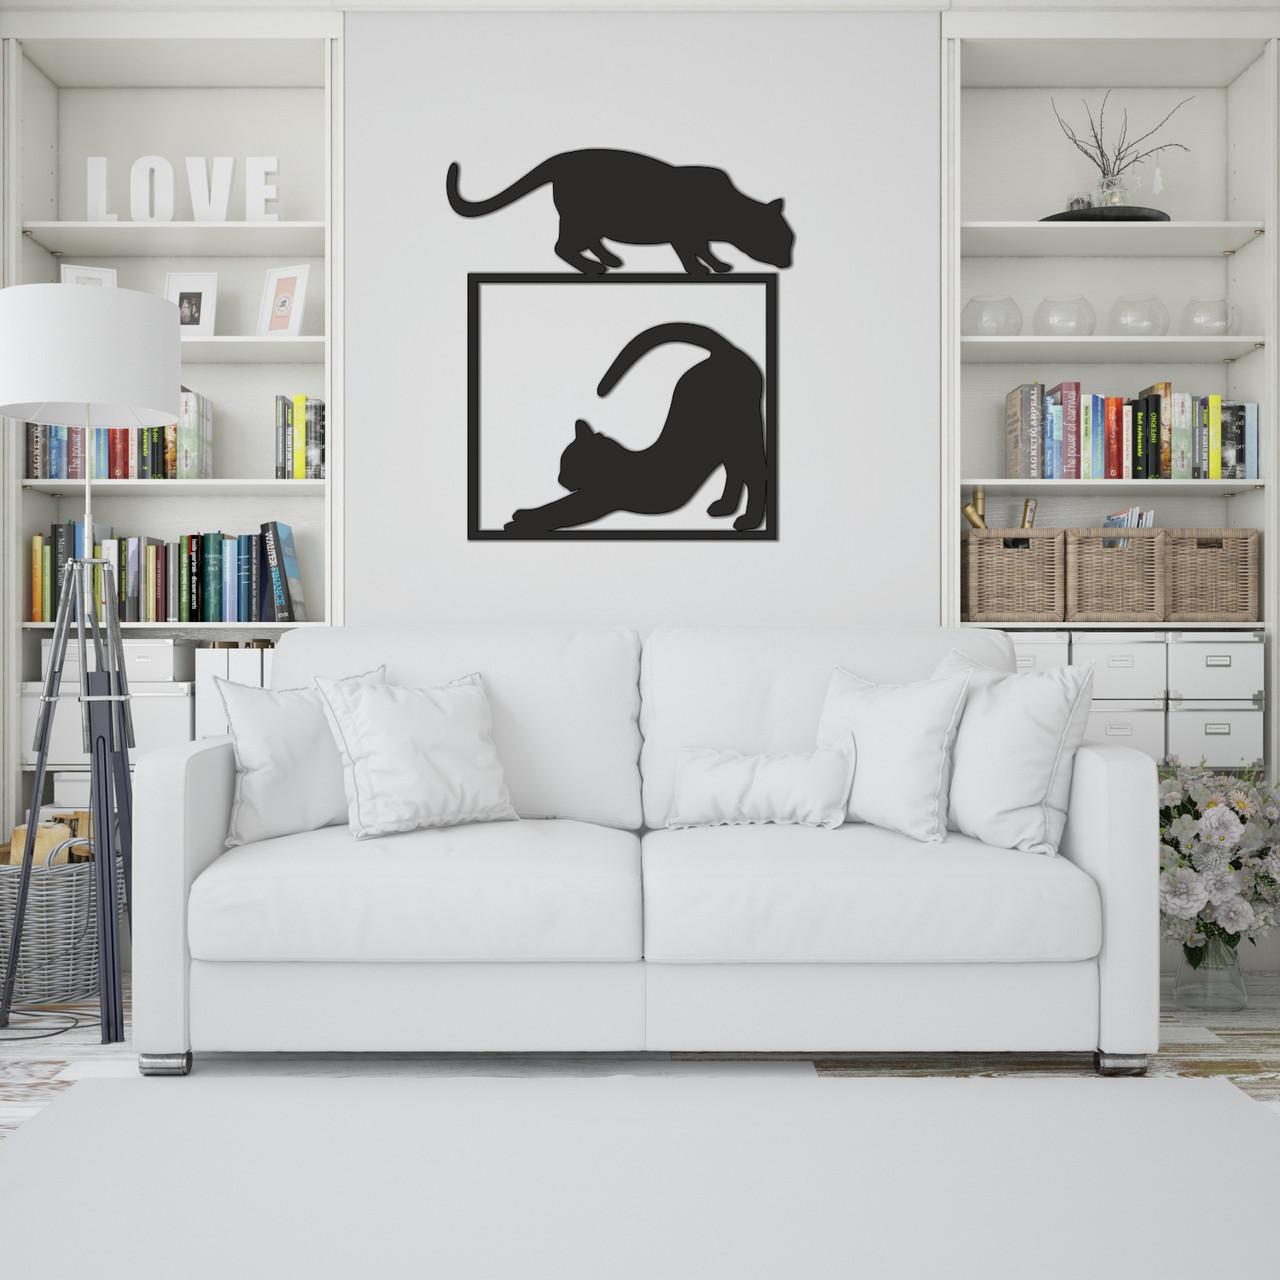 Интерьерное настенное панно из дерева «Кошки»